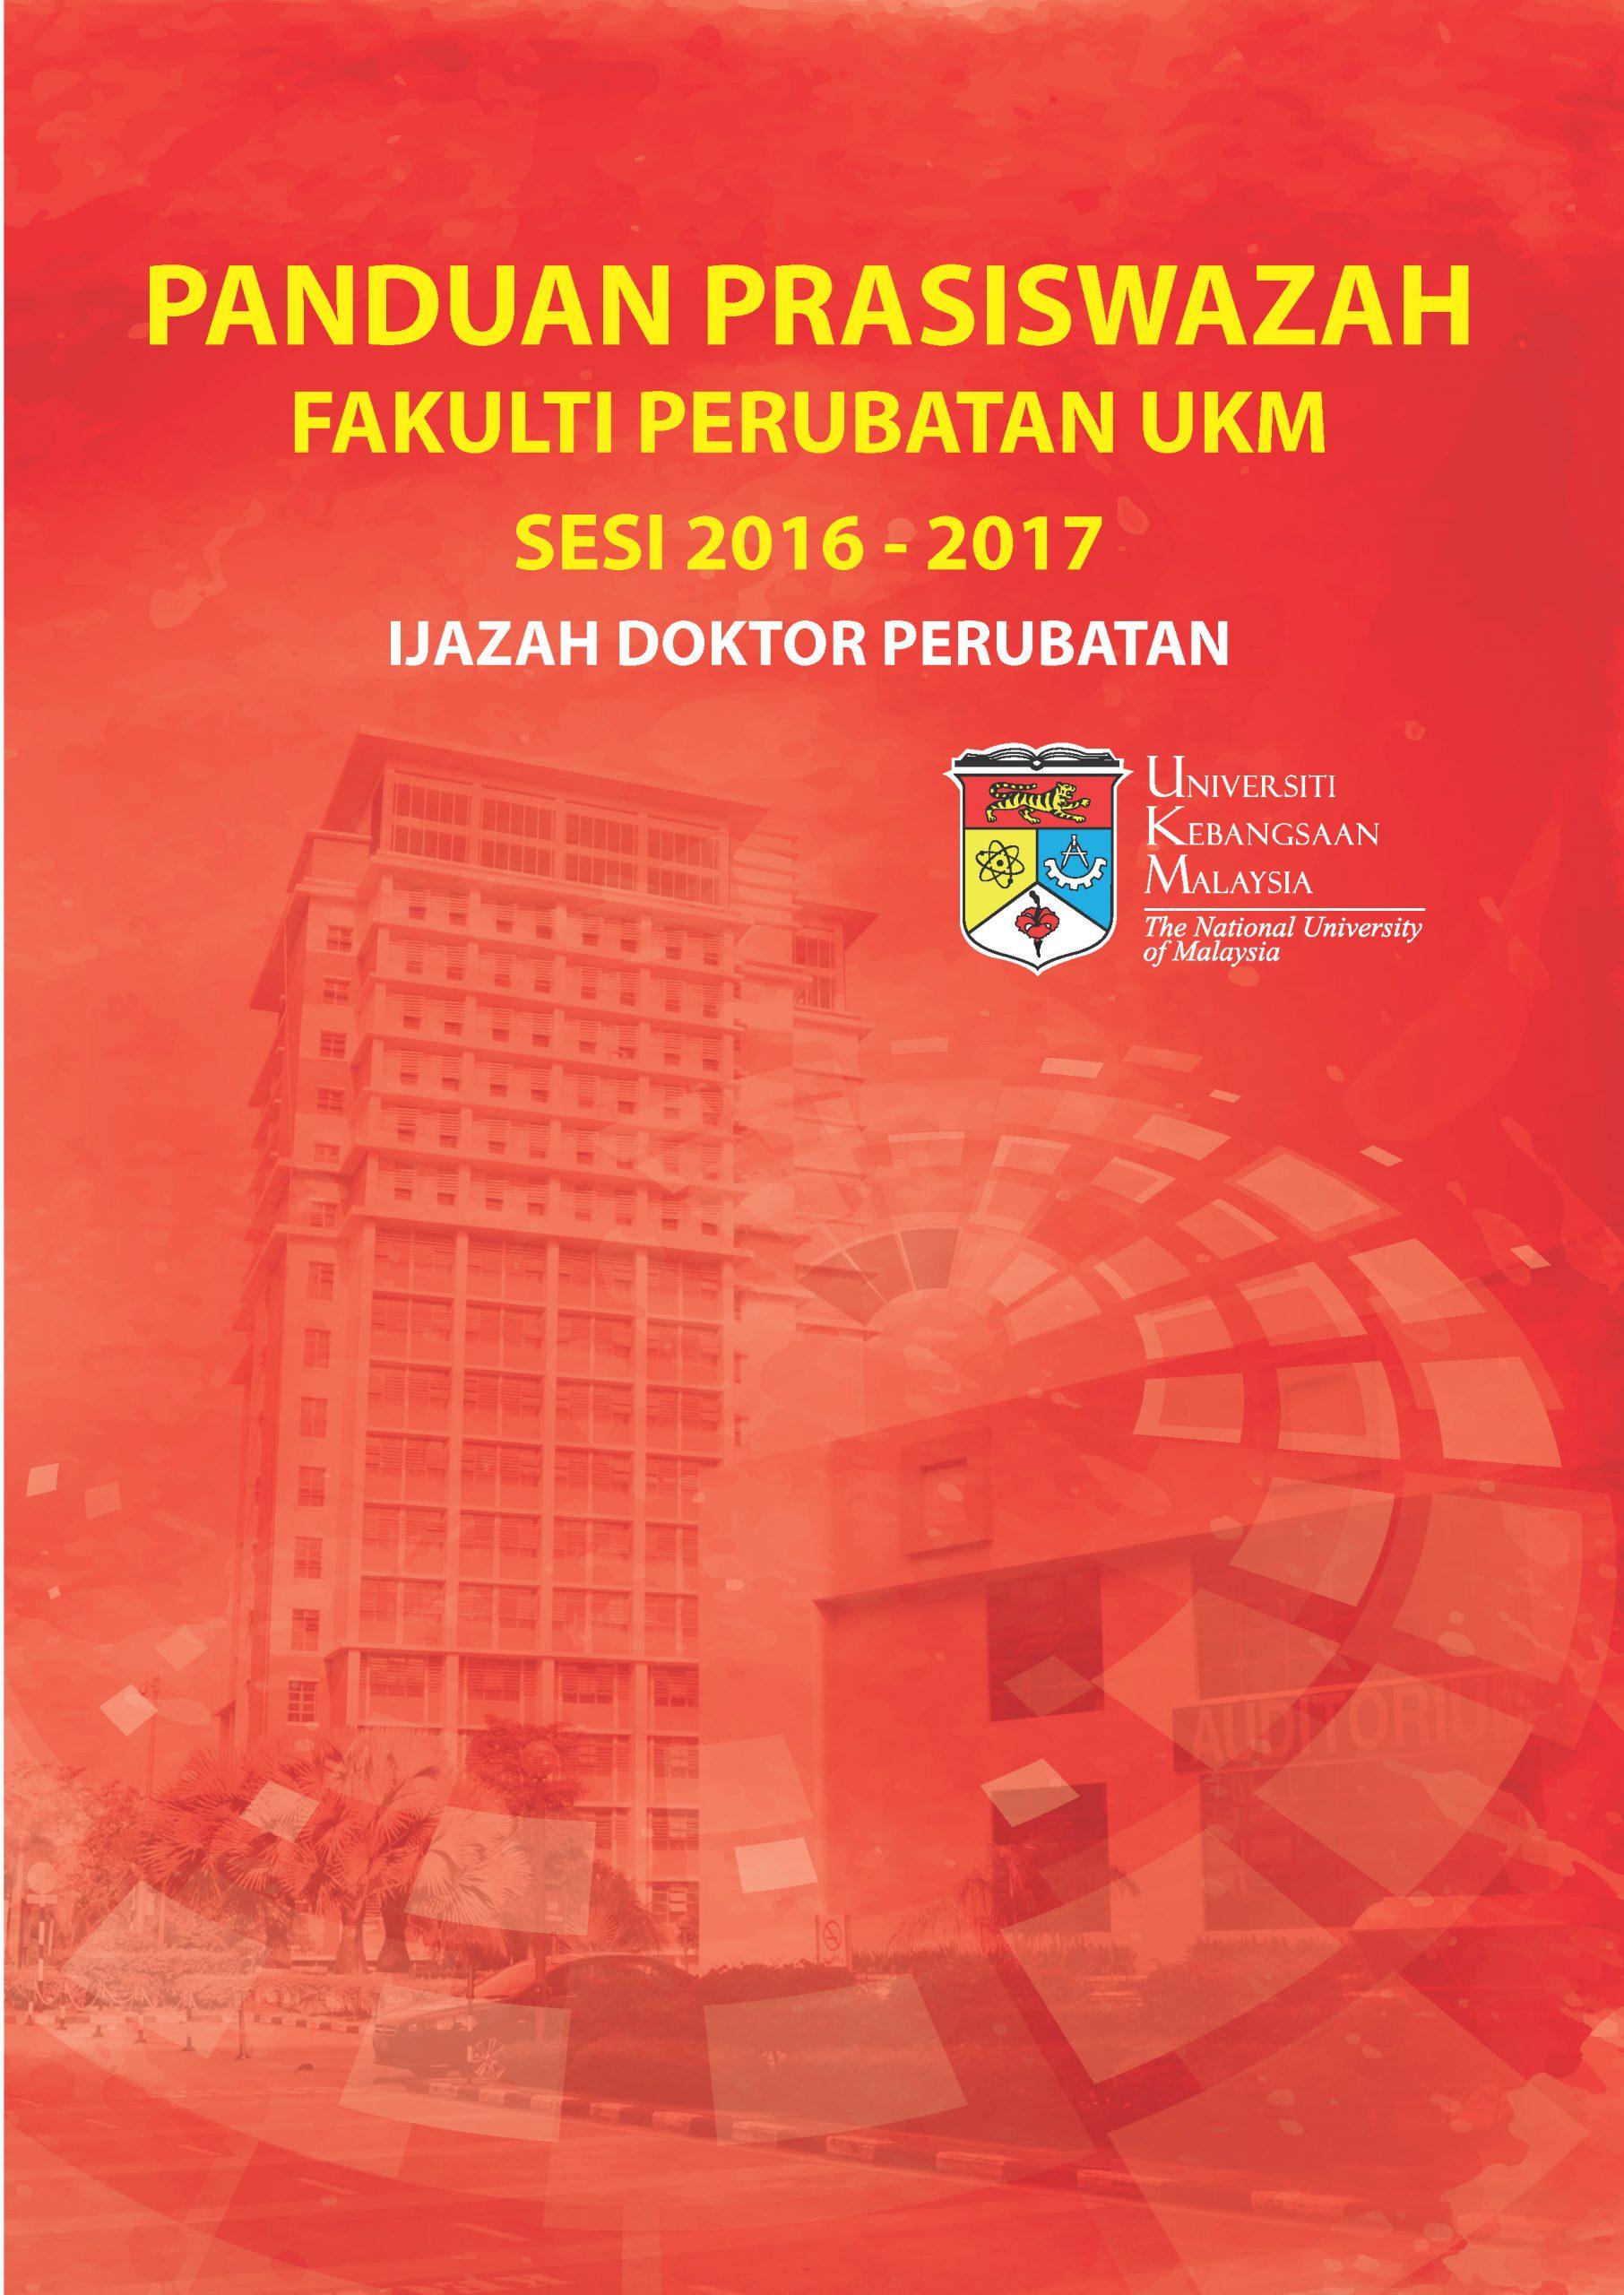 Panduan-Prasiswazah-FPER-UKM-Sesi-2016-2017_Page_001